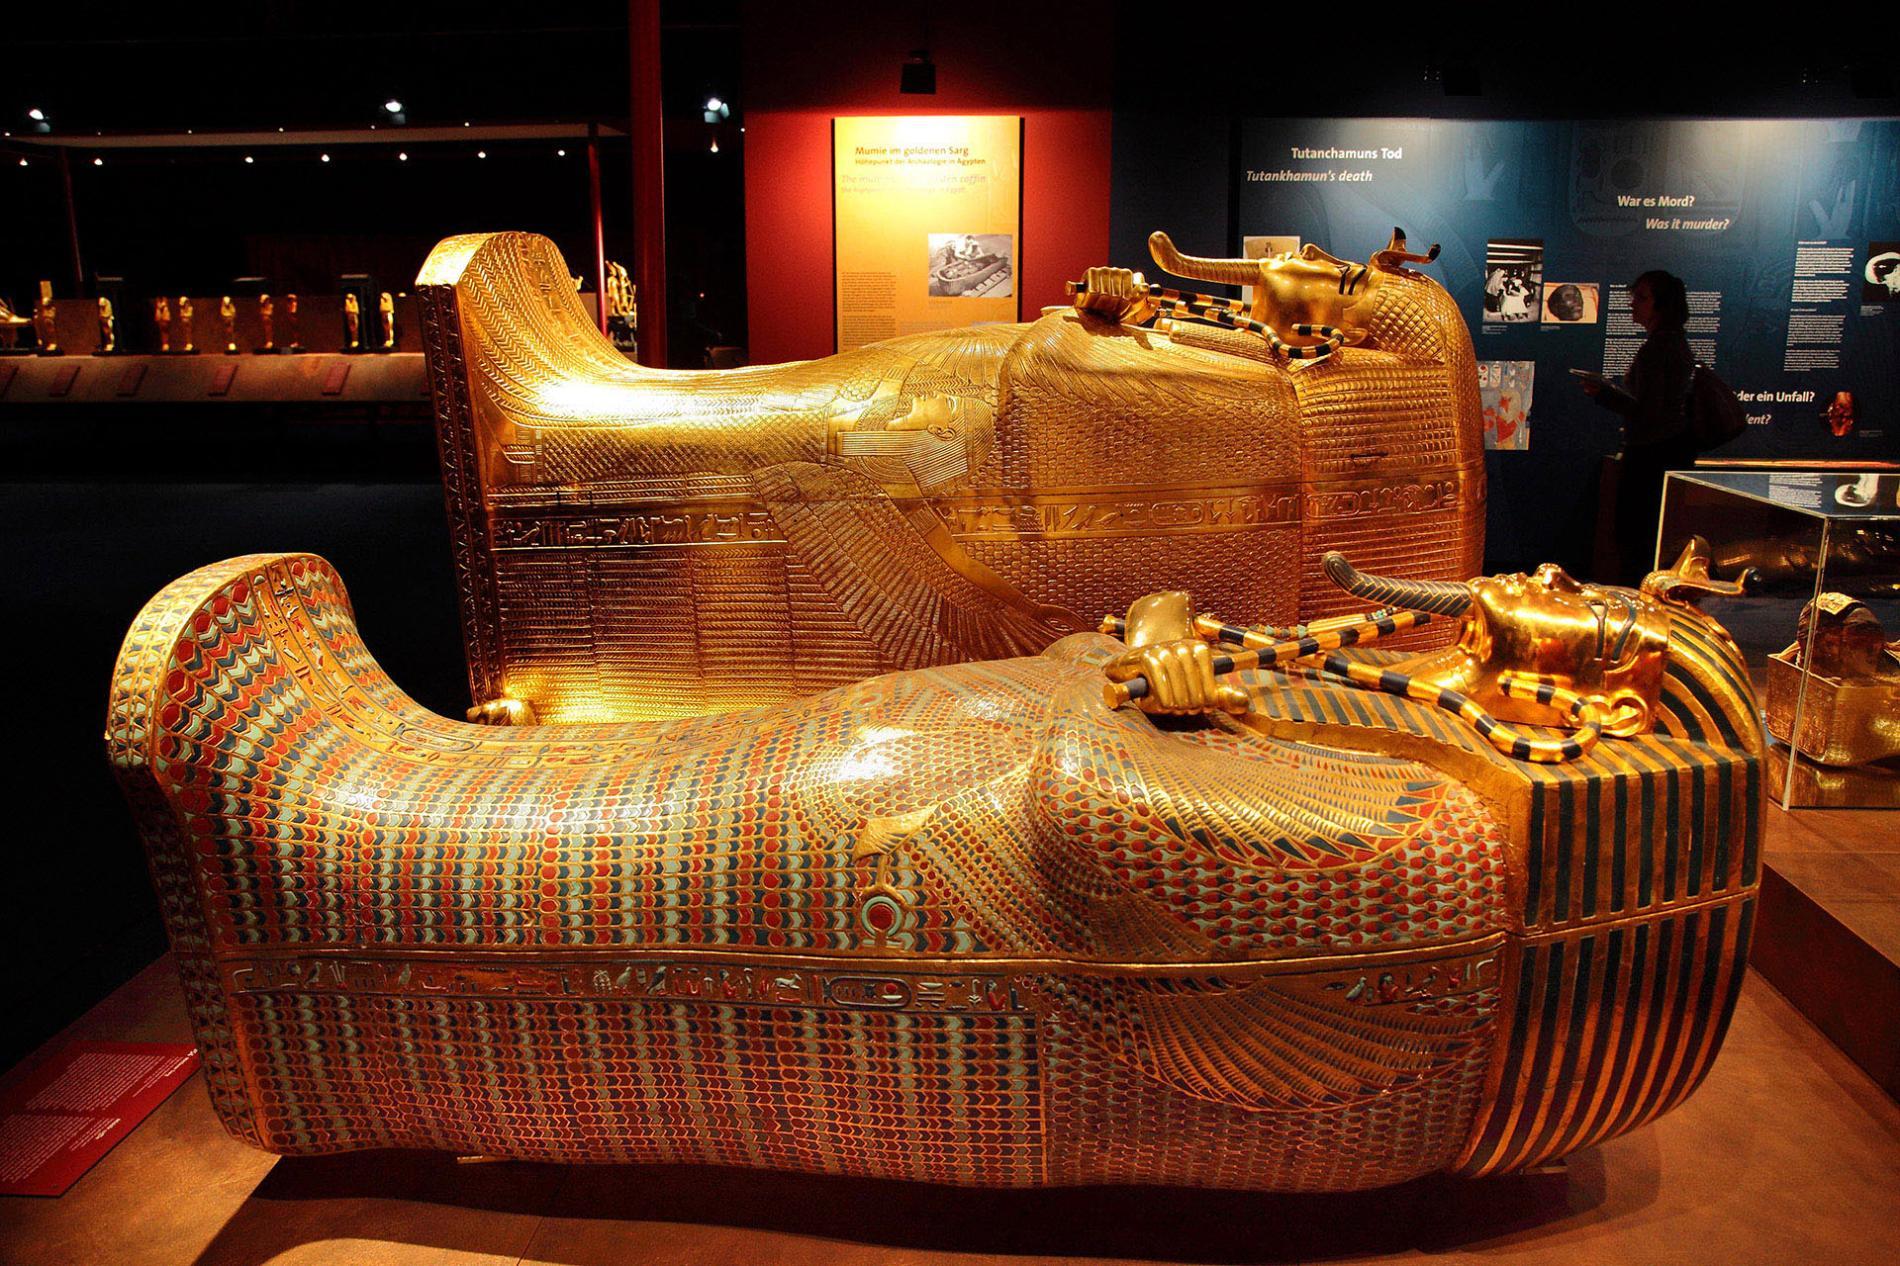 La muestra recrea la tumba del faraón tal y como se encontró